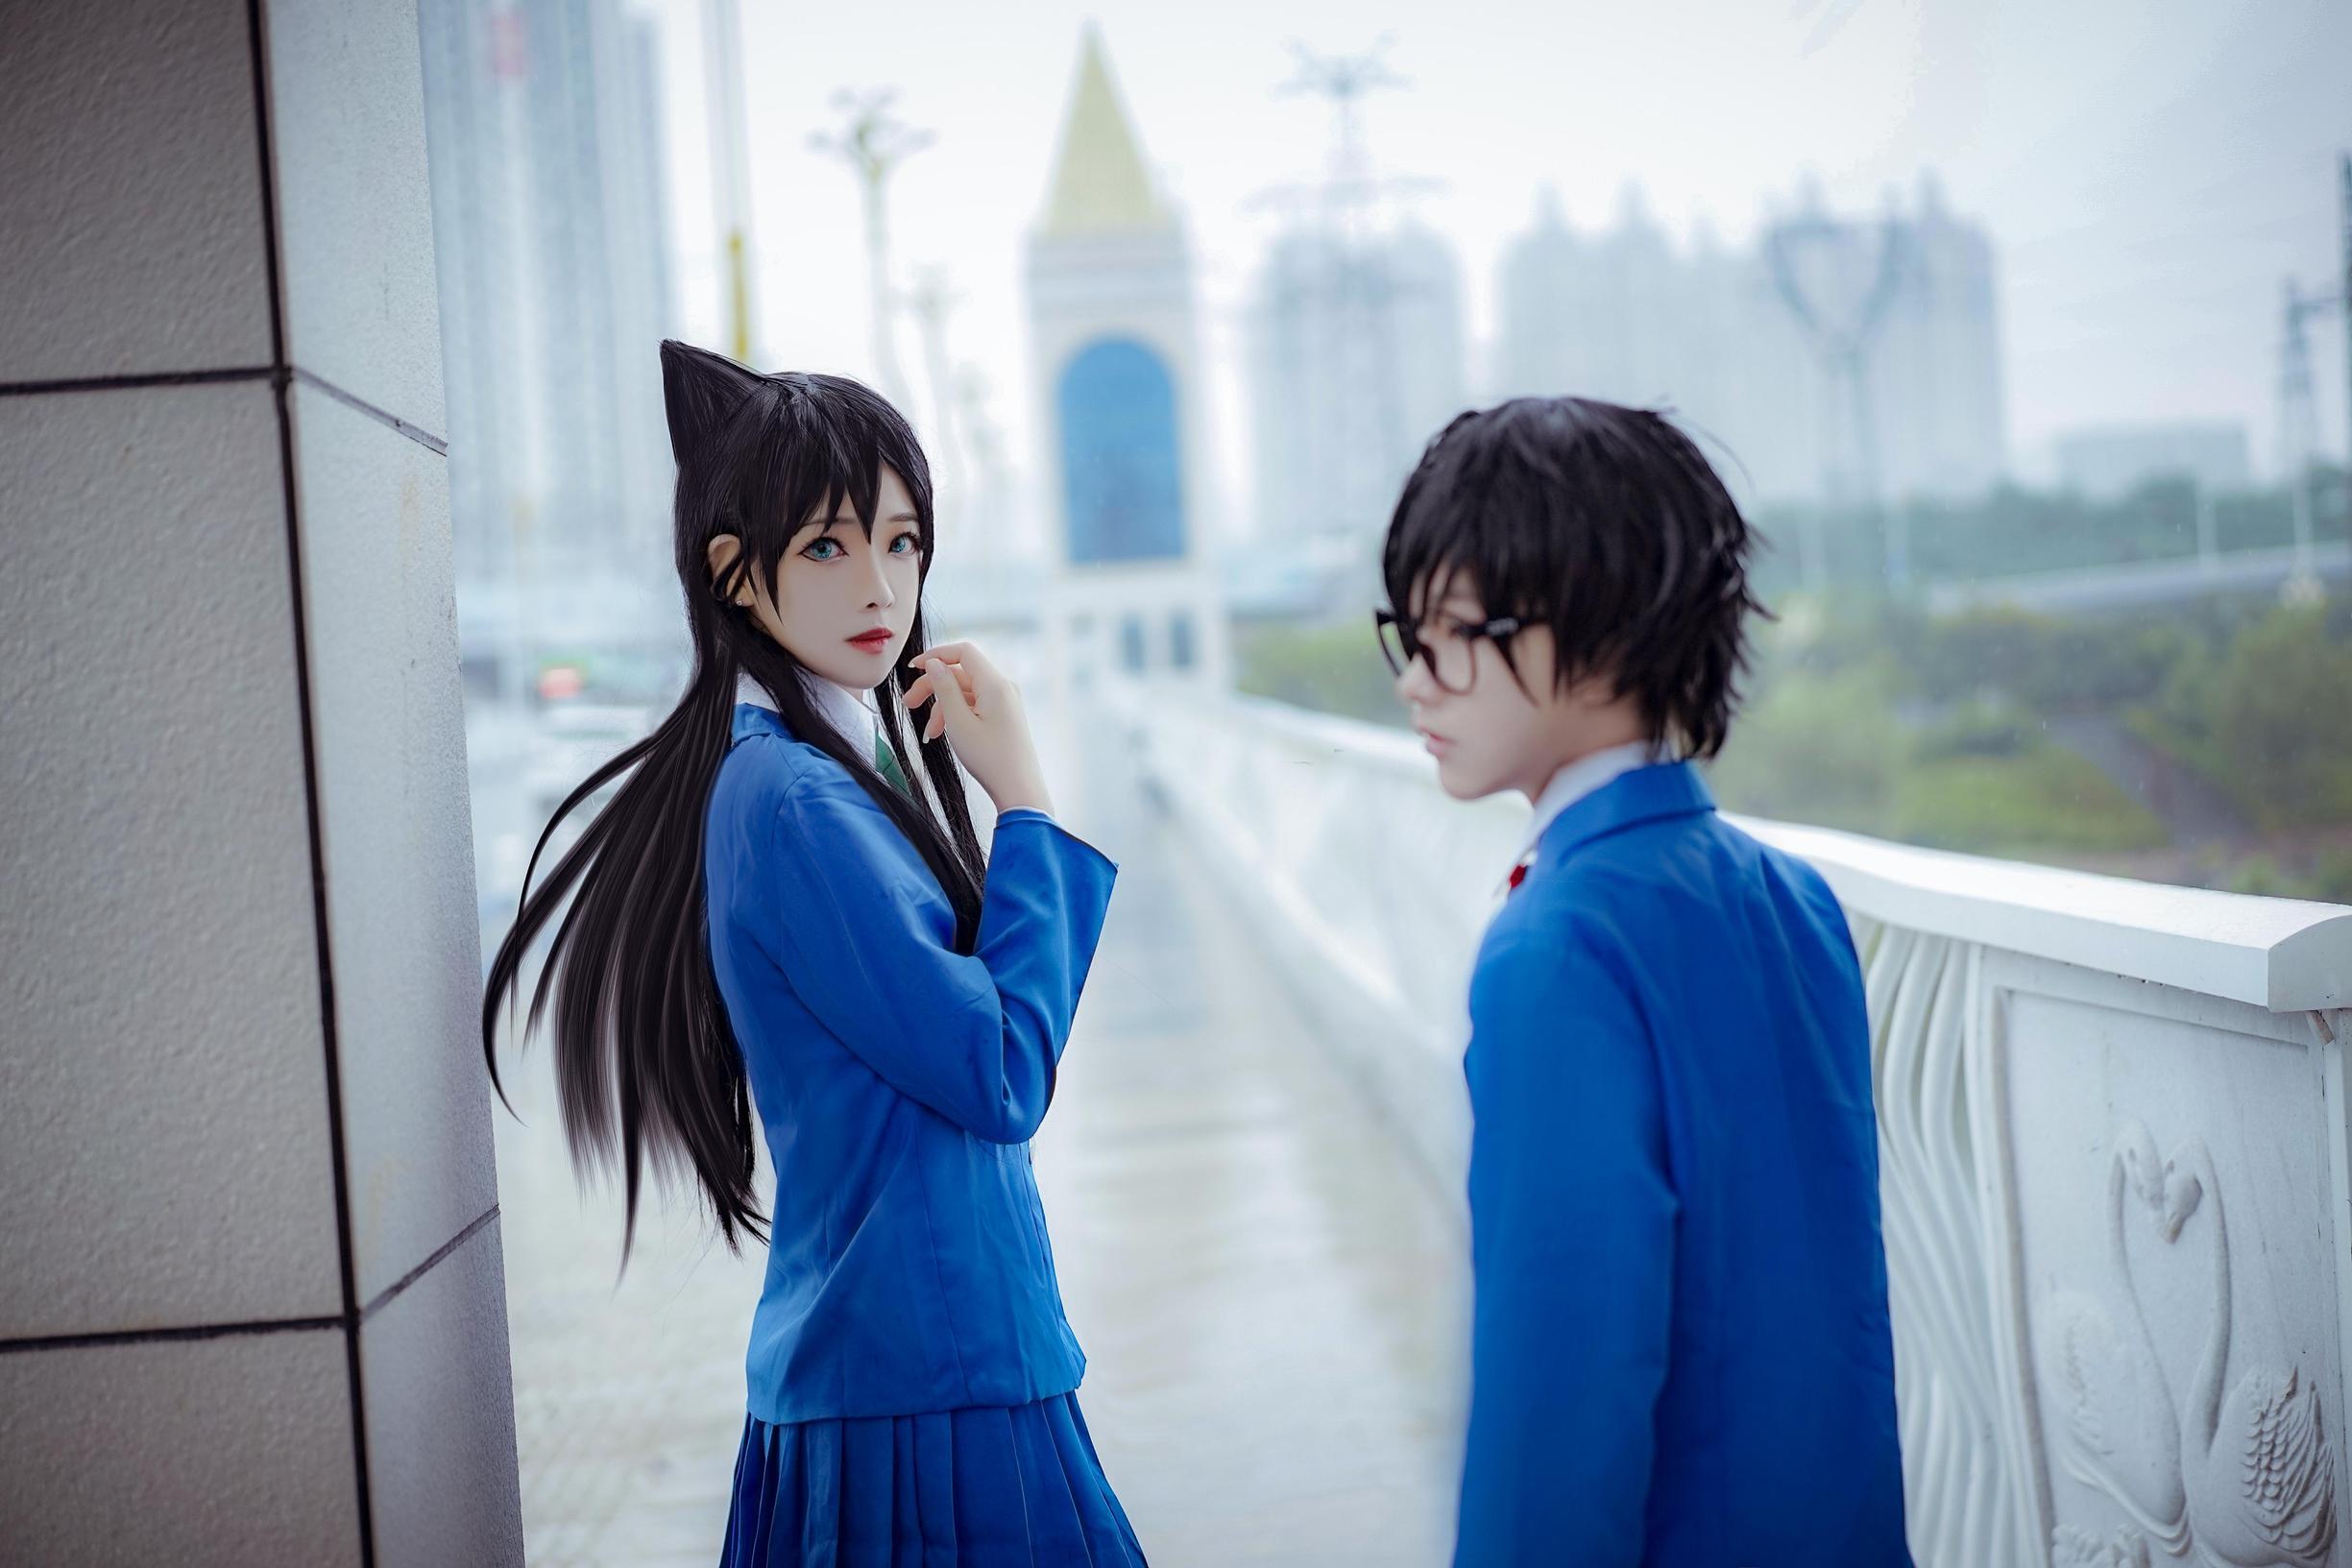 《名侦探柯南》毛利兰cosplay【CN:鬼肆A】-第3张